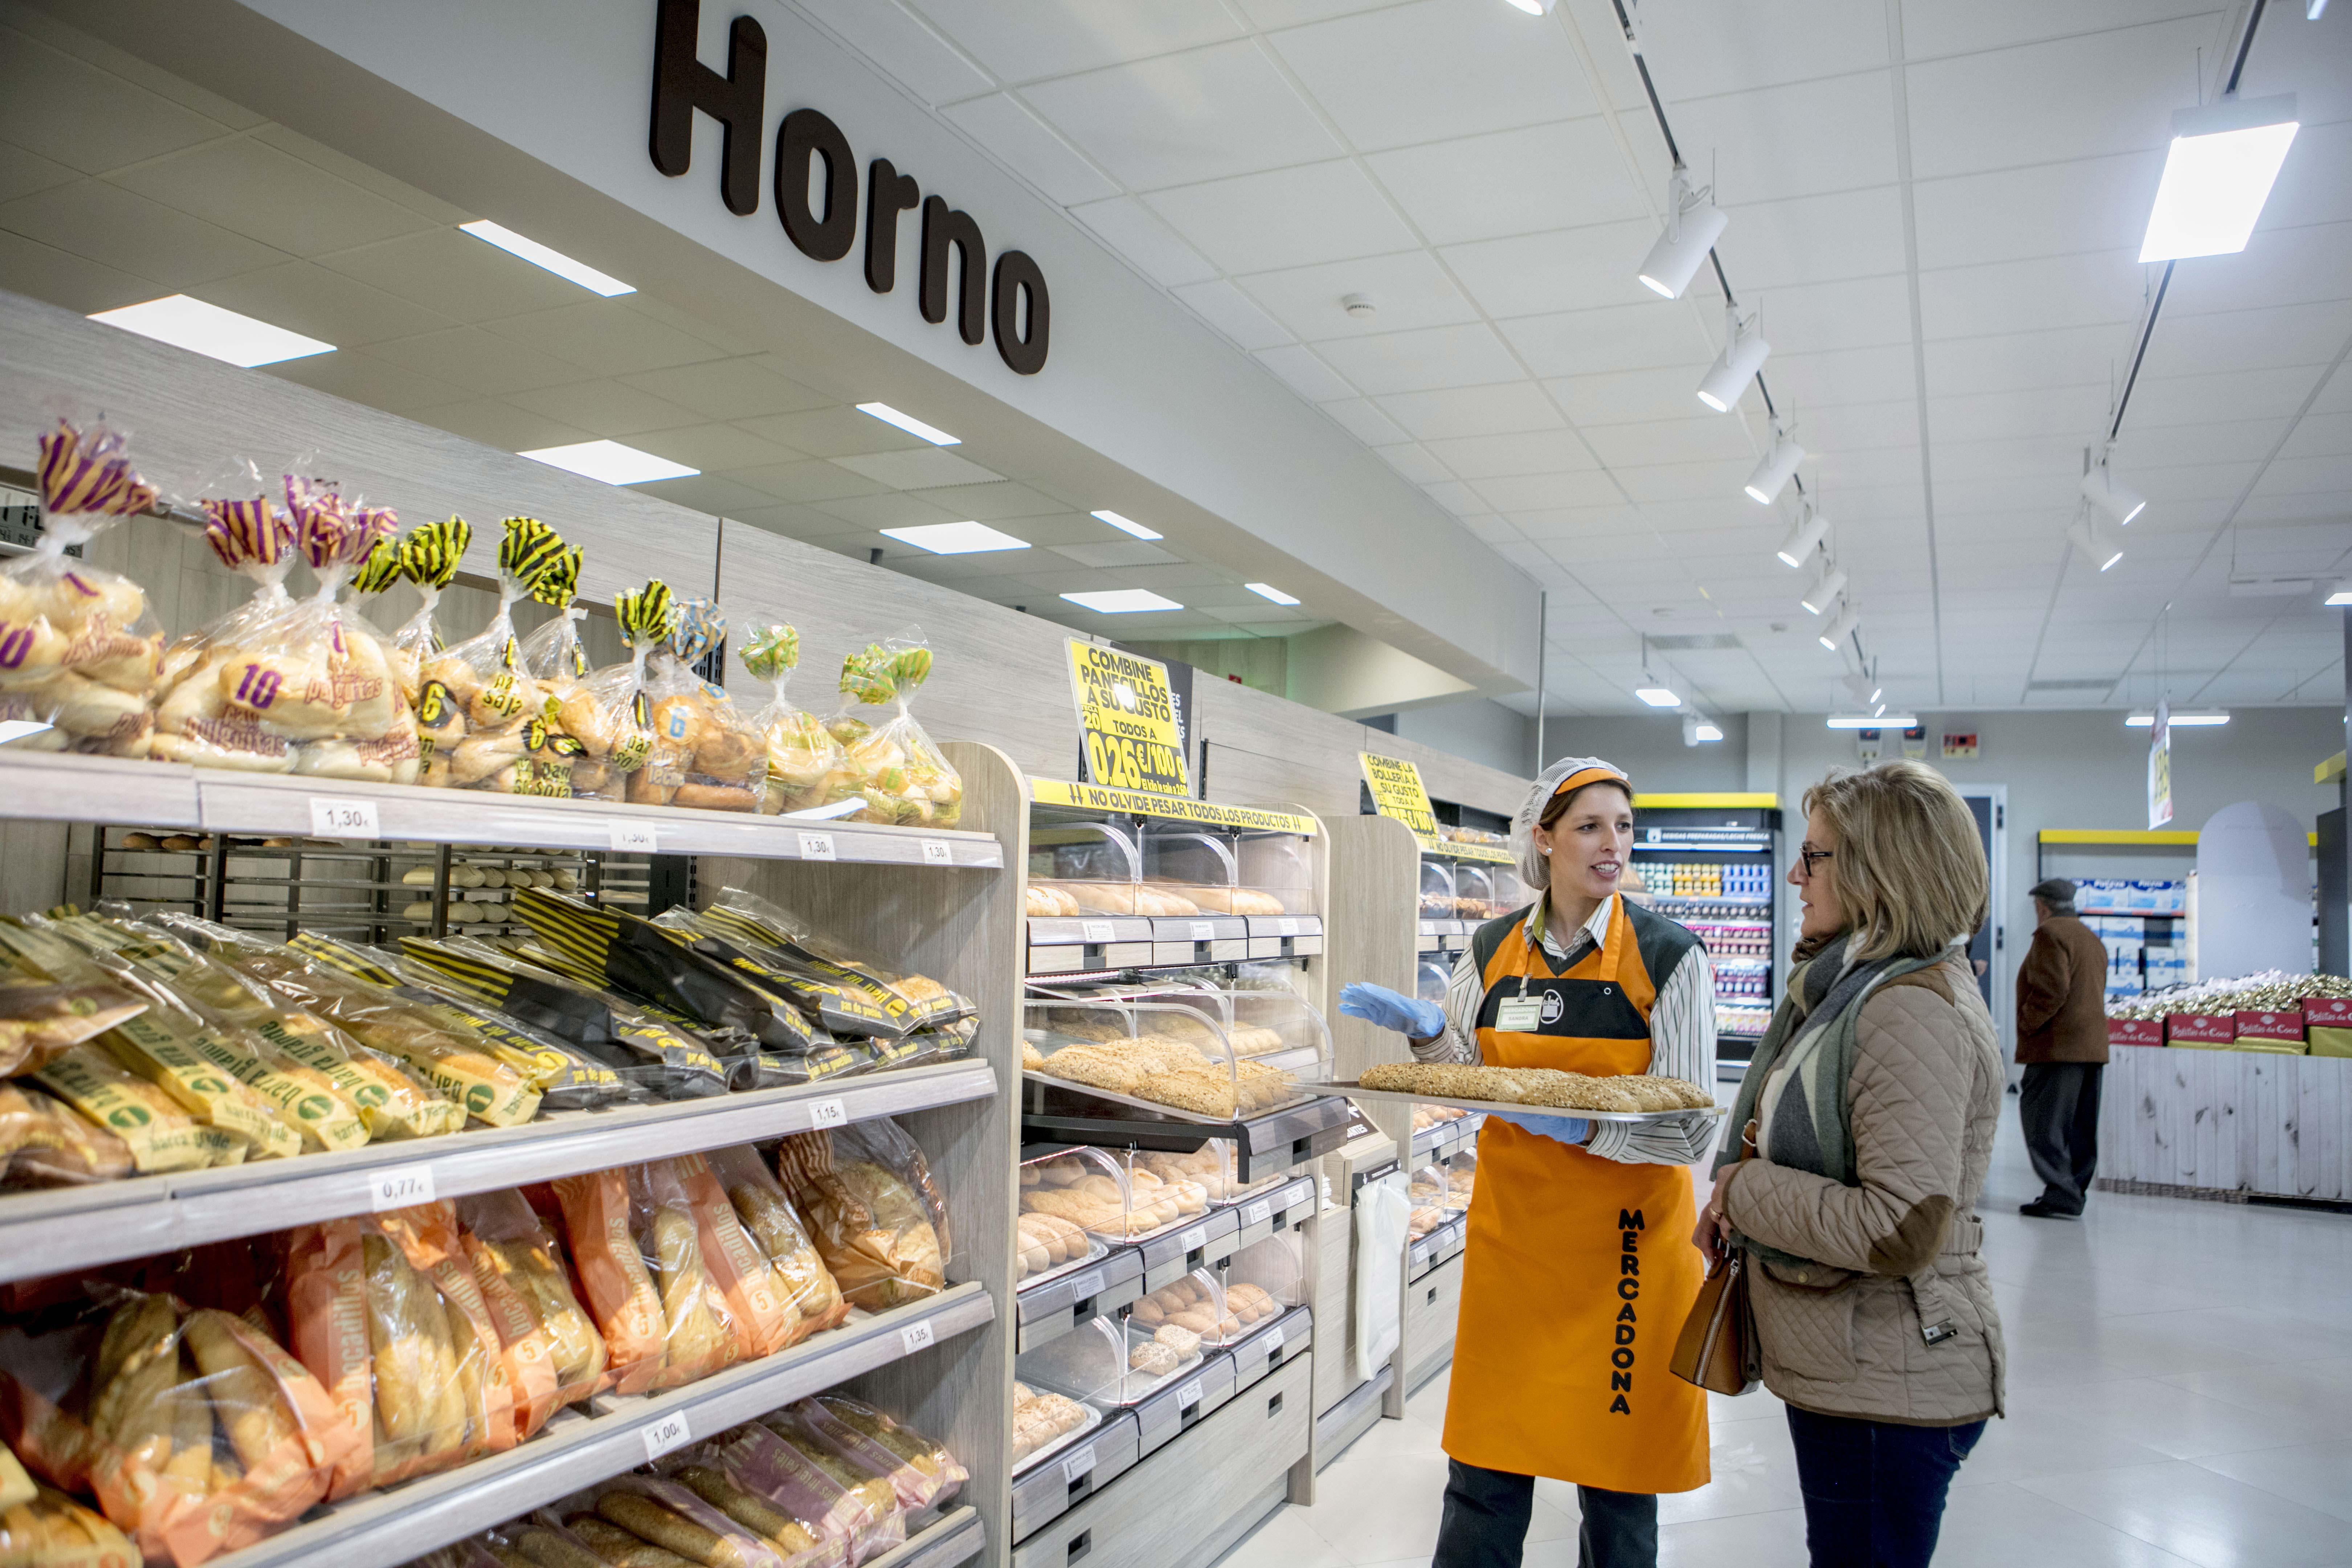 Foto Horno - La importancia de la atención al cliente en el comercio minorista